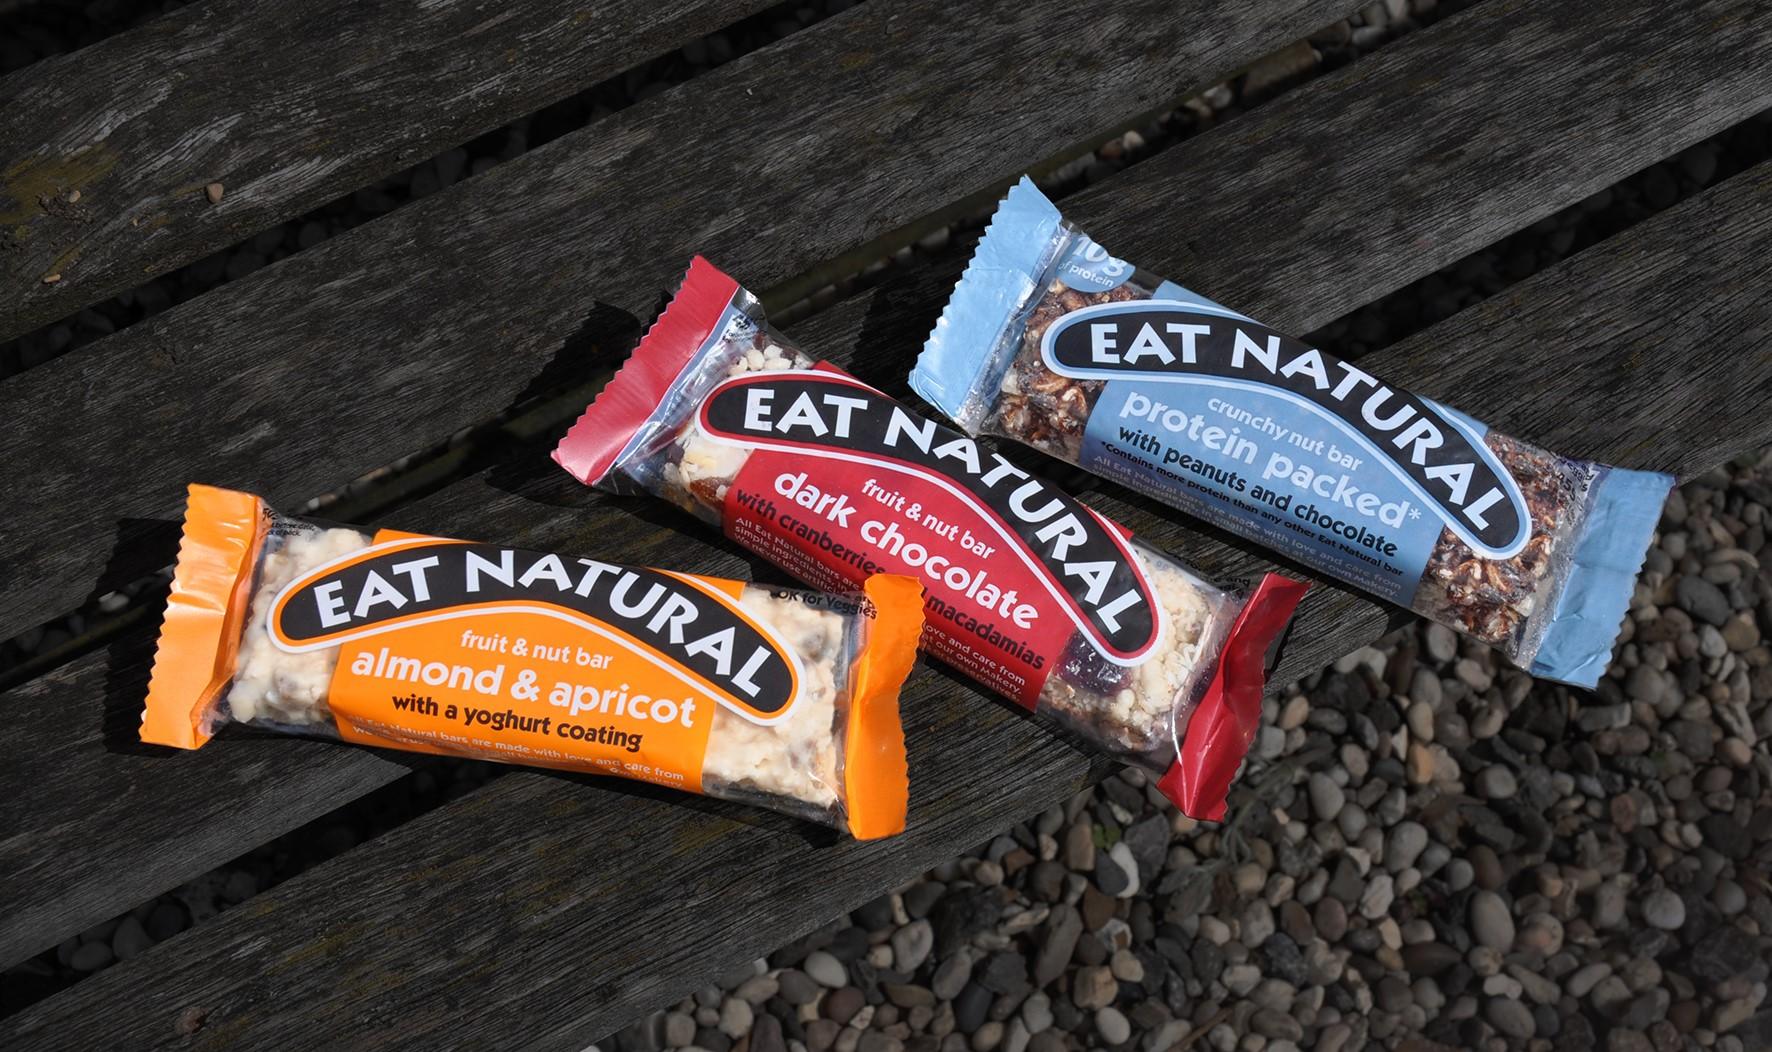 Ferrero acquisisce Eat Natural